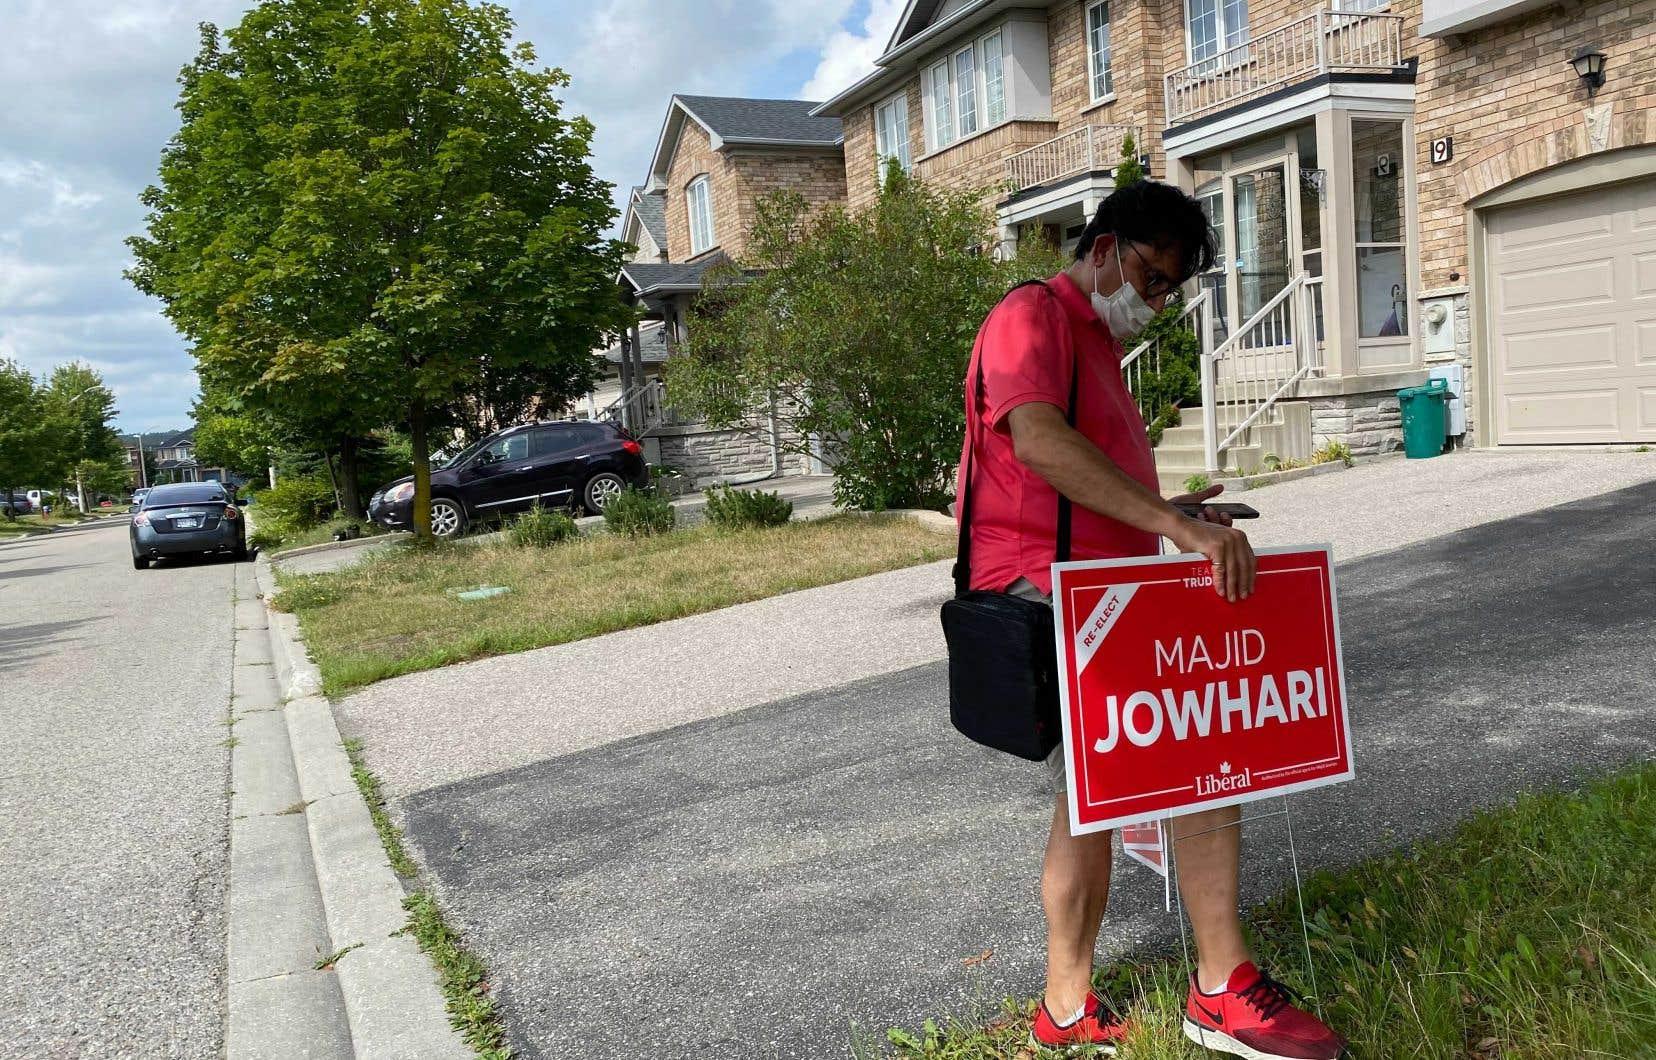 Le député libéral Majid Jowhari, qui a remporté en 2019 la circonscription de Richmond Hill par seulement 212 voix, faisait du porte-à-porte mercredi. Sa  banlieue figure parmi les luttes les plus chaudement disputées du Grand Toronto.